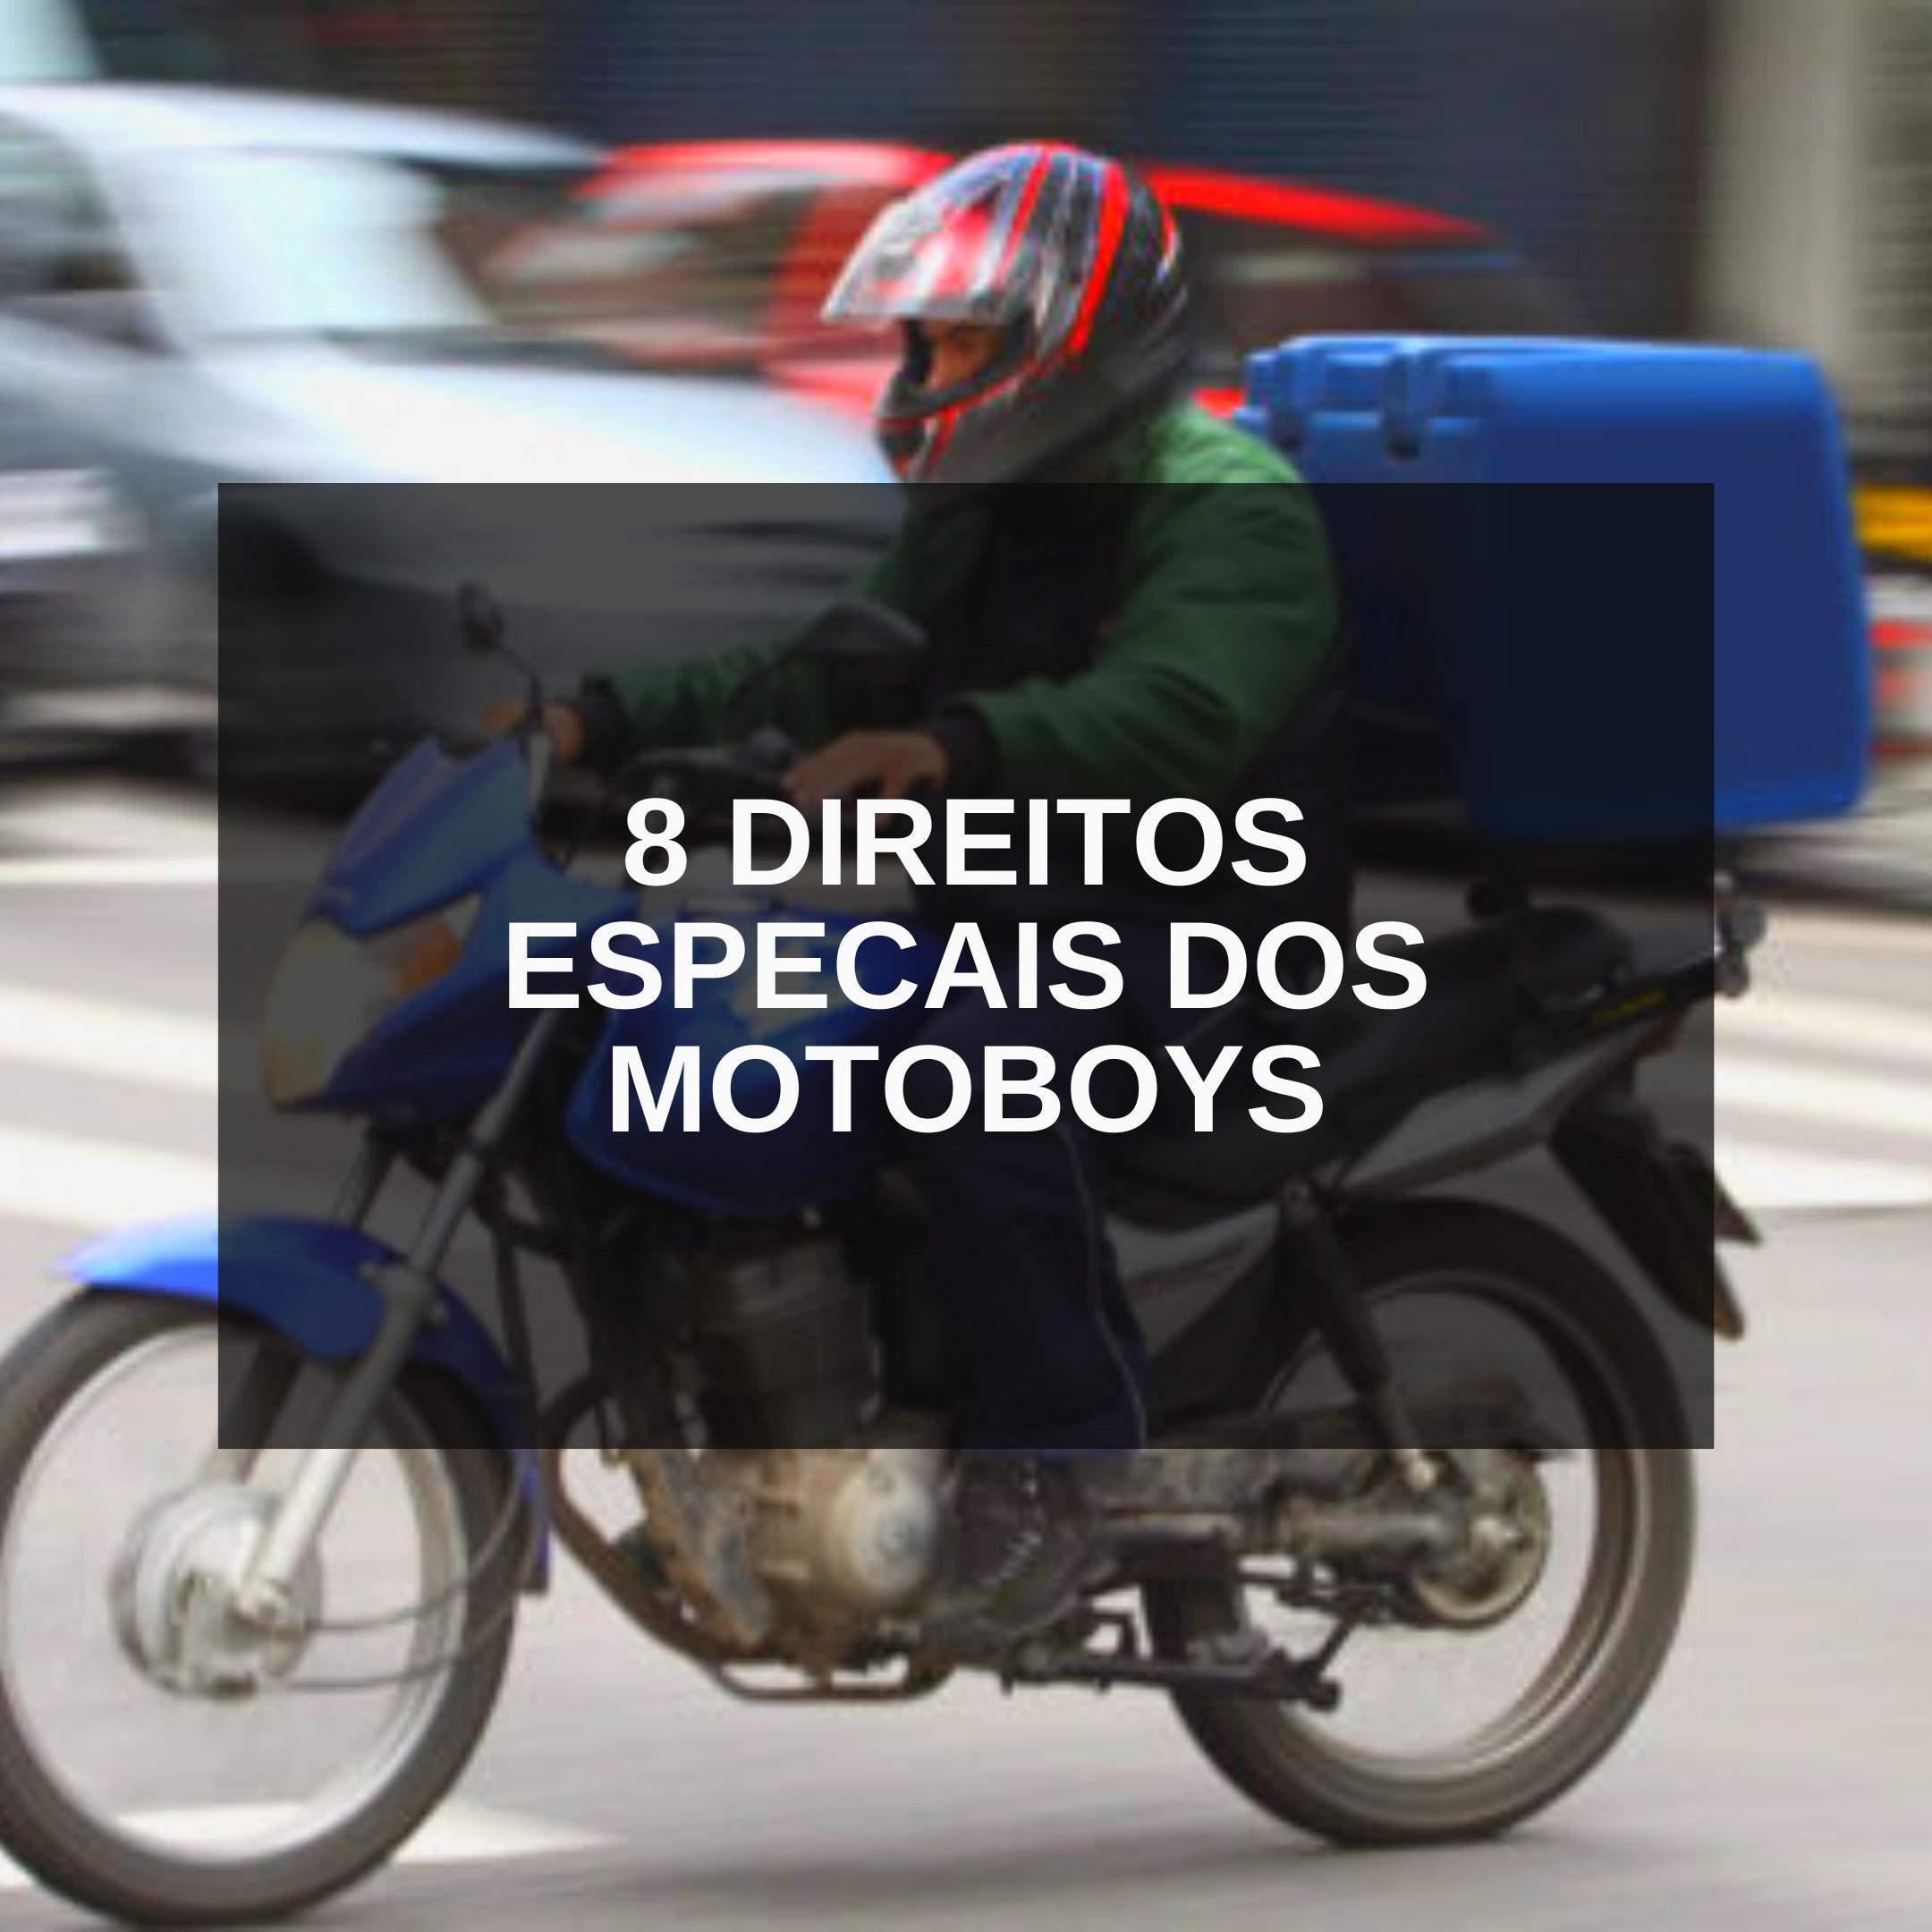 DIREITOS ESPECIAIS DO MOTOBOY